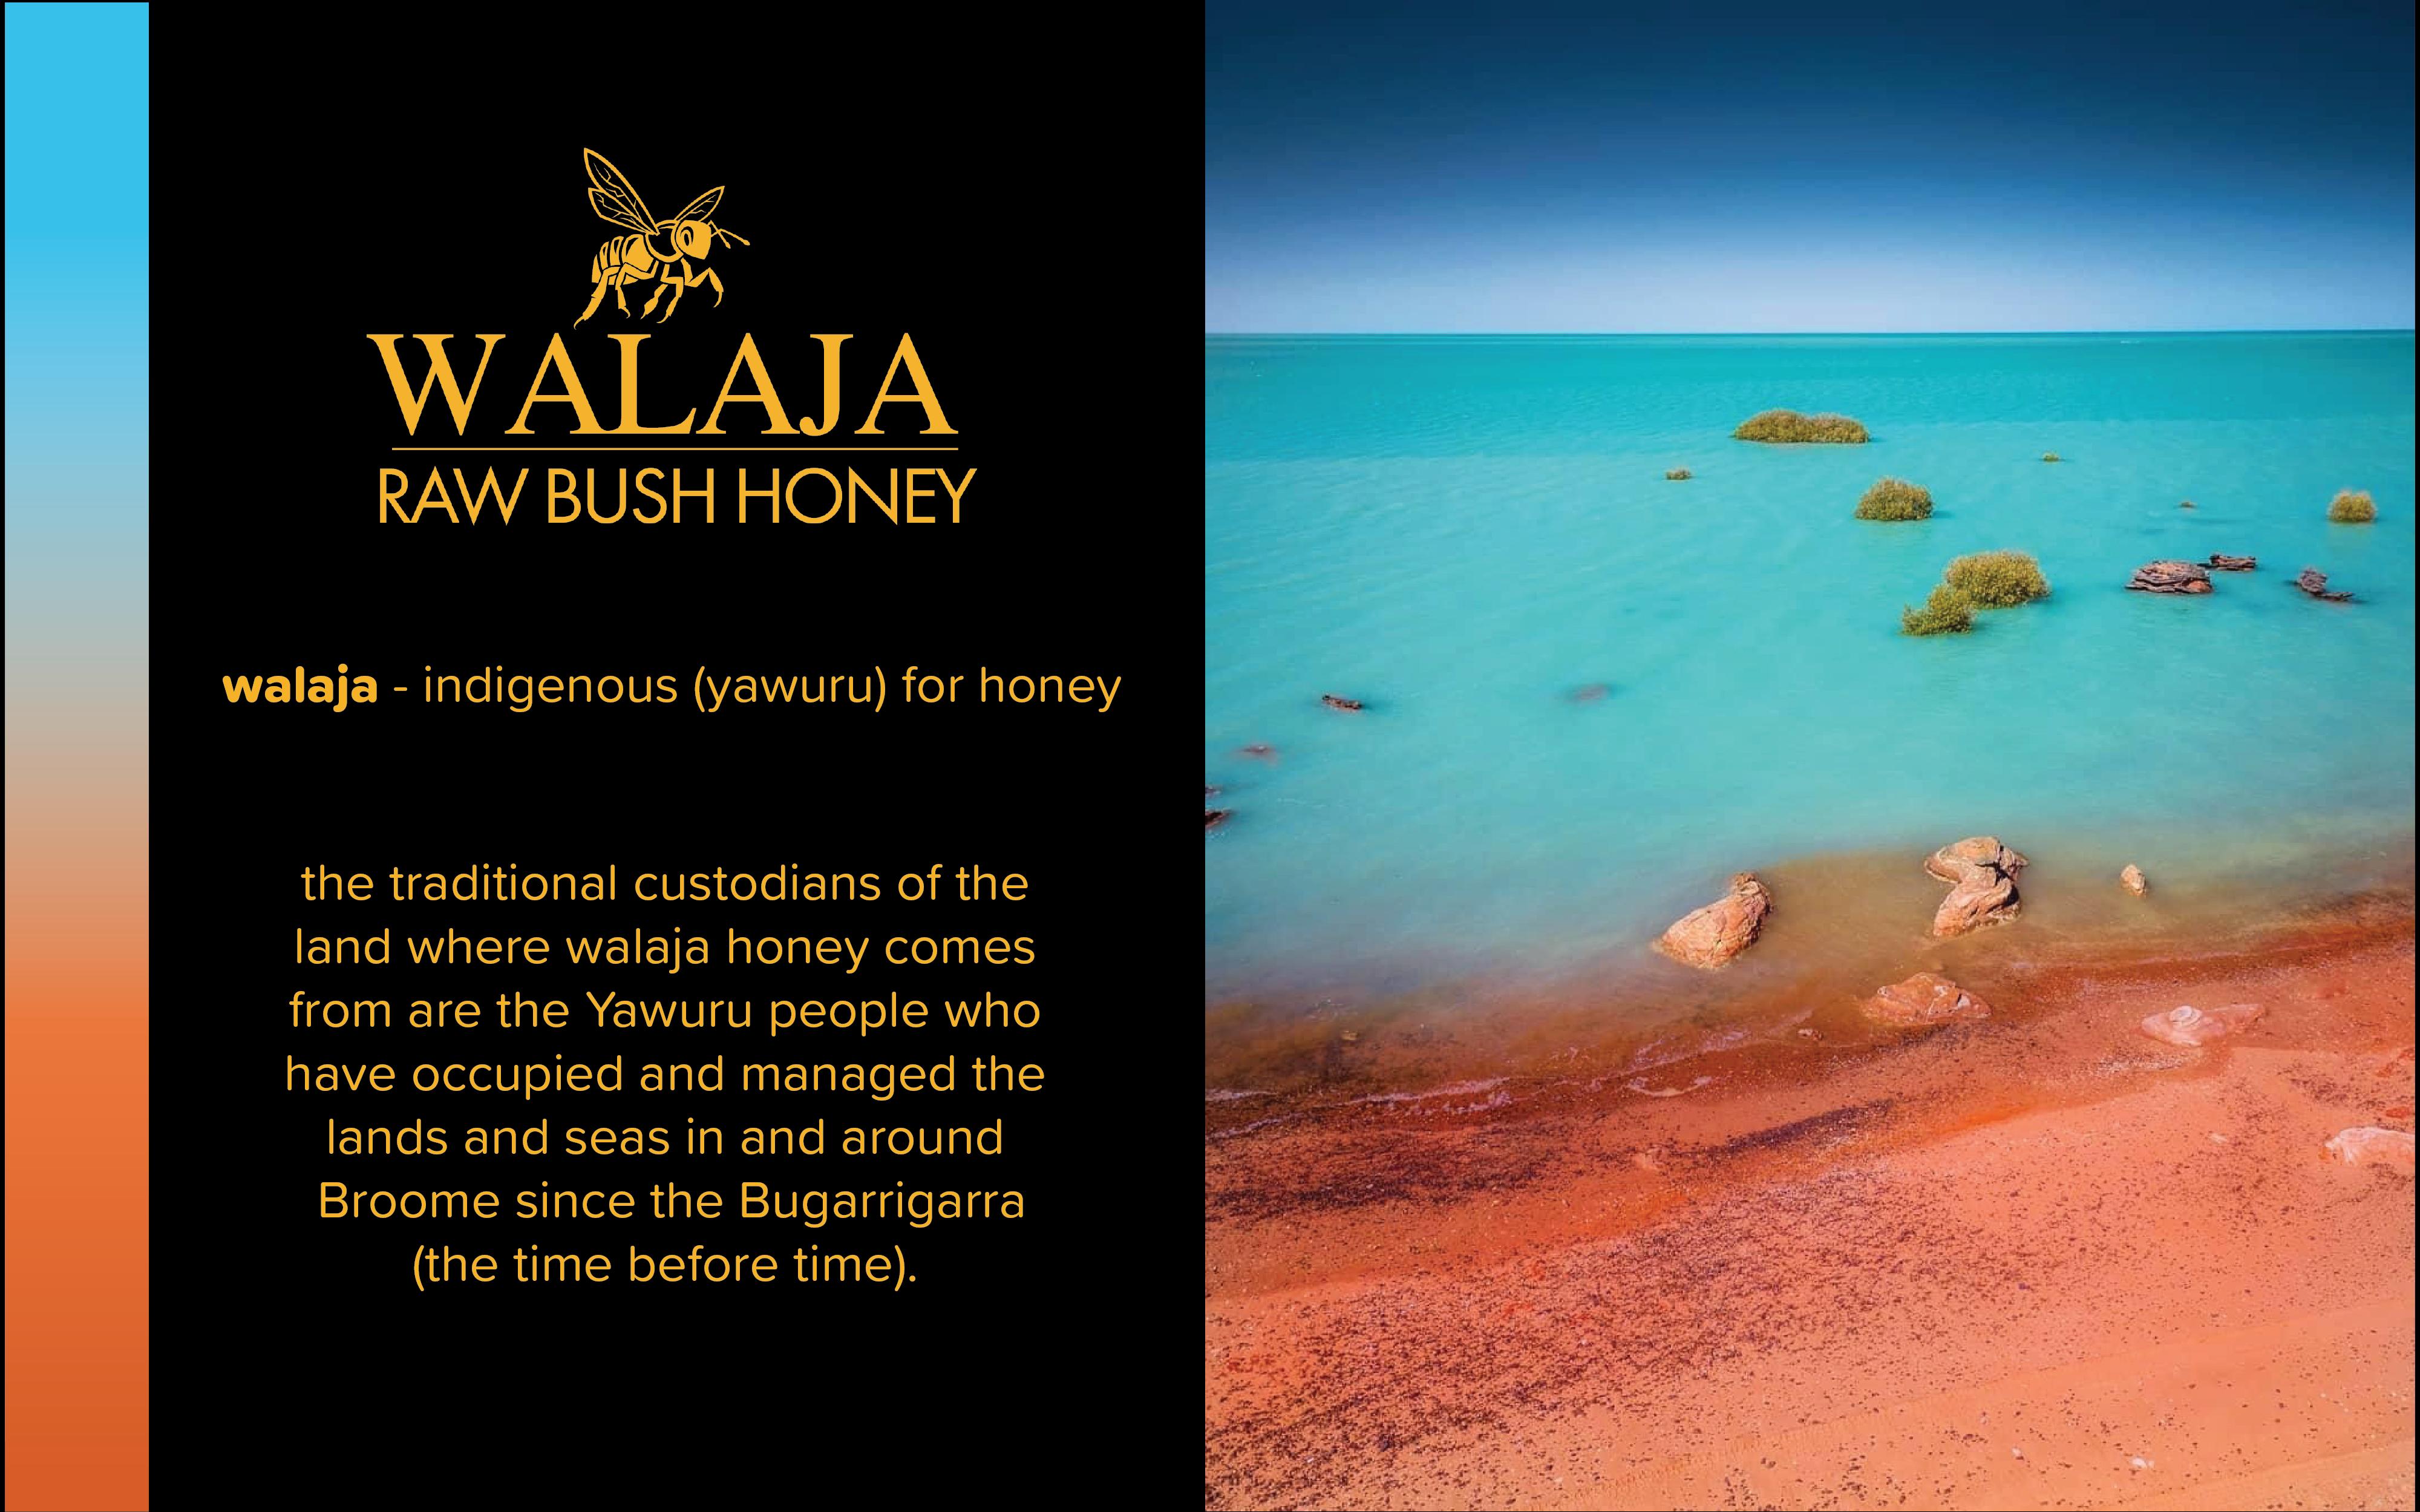 Walaja Raw Bush Honey Indigenous Yaruru